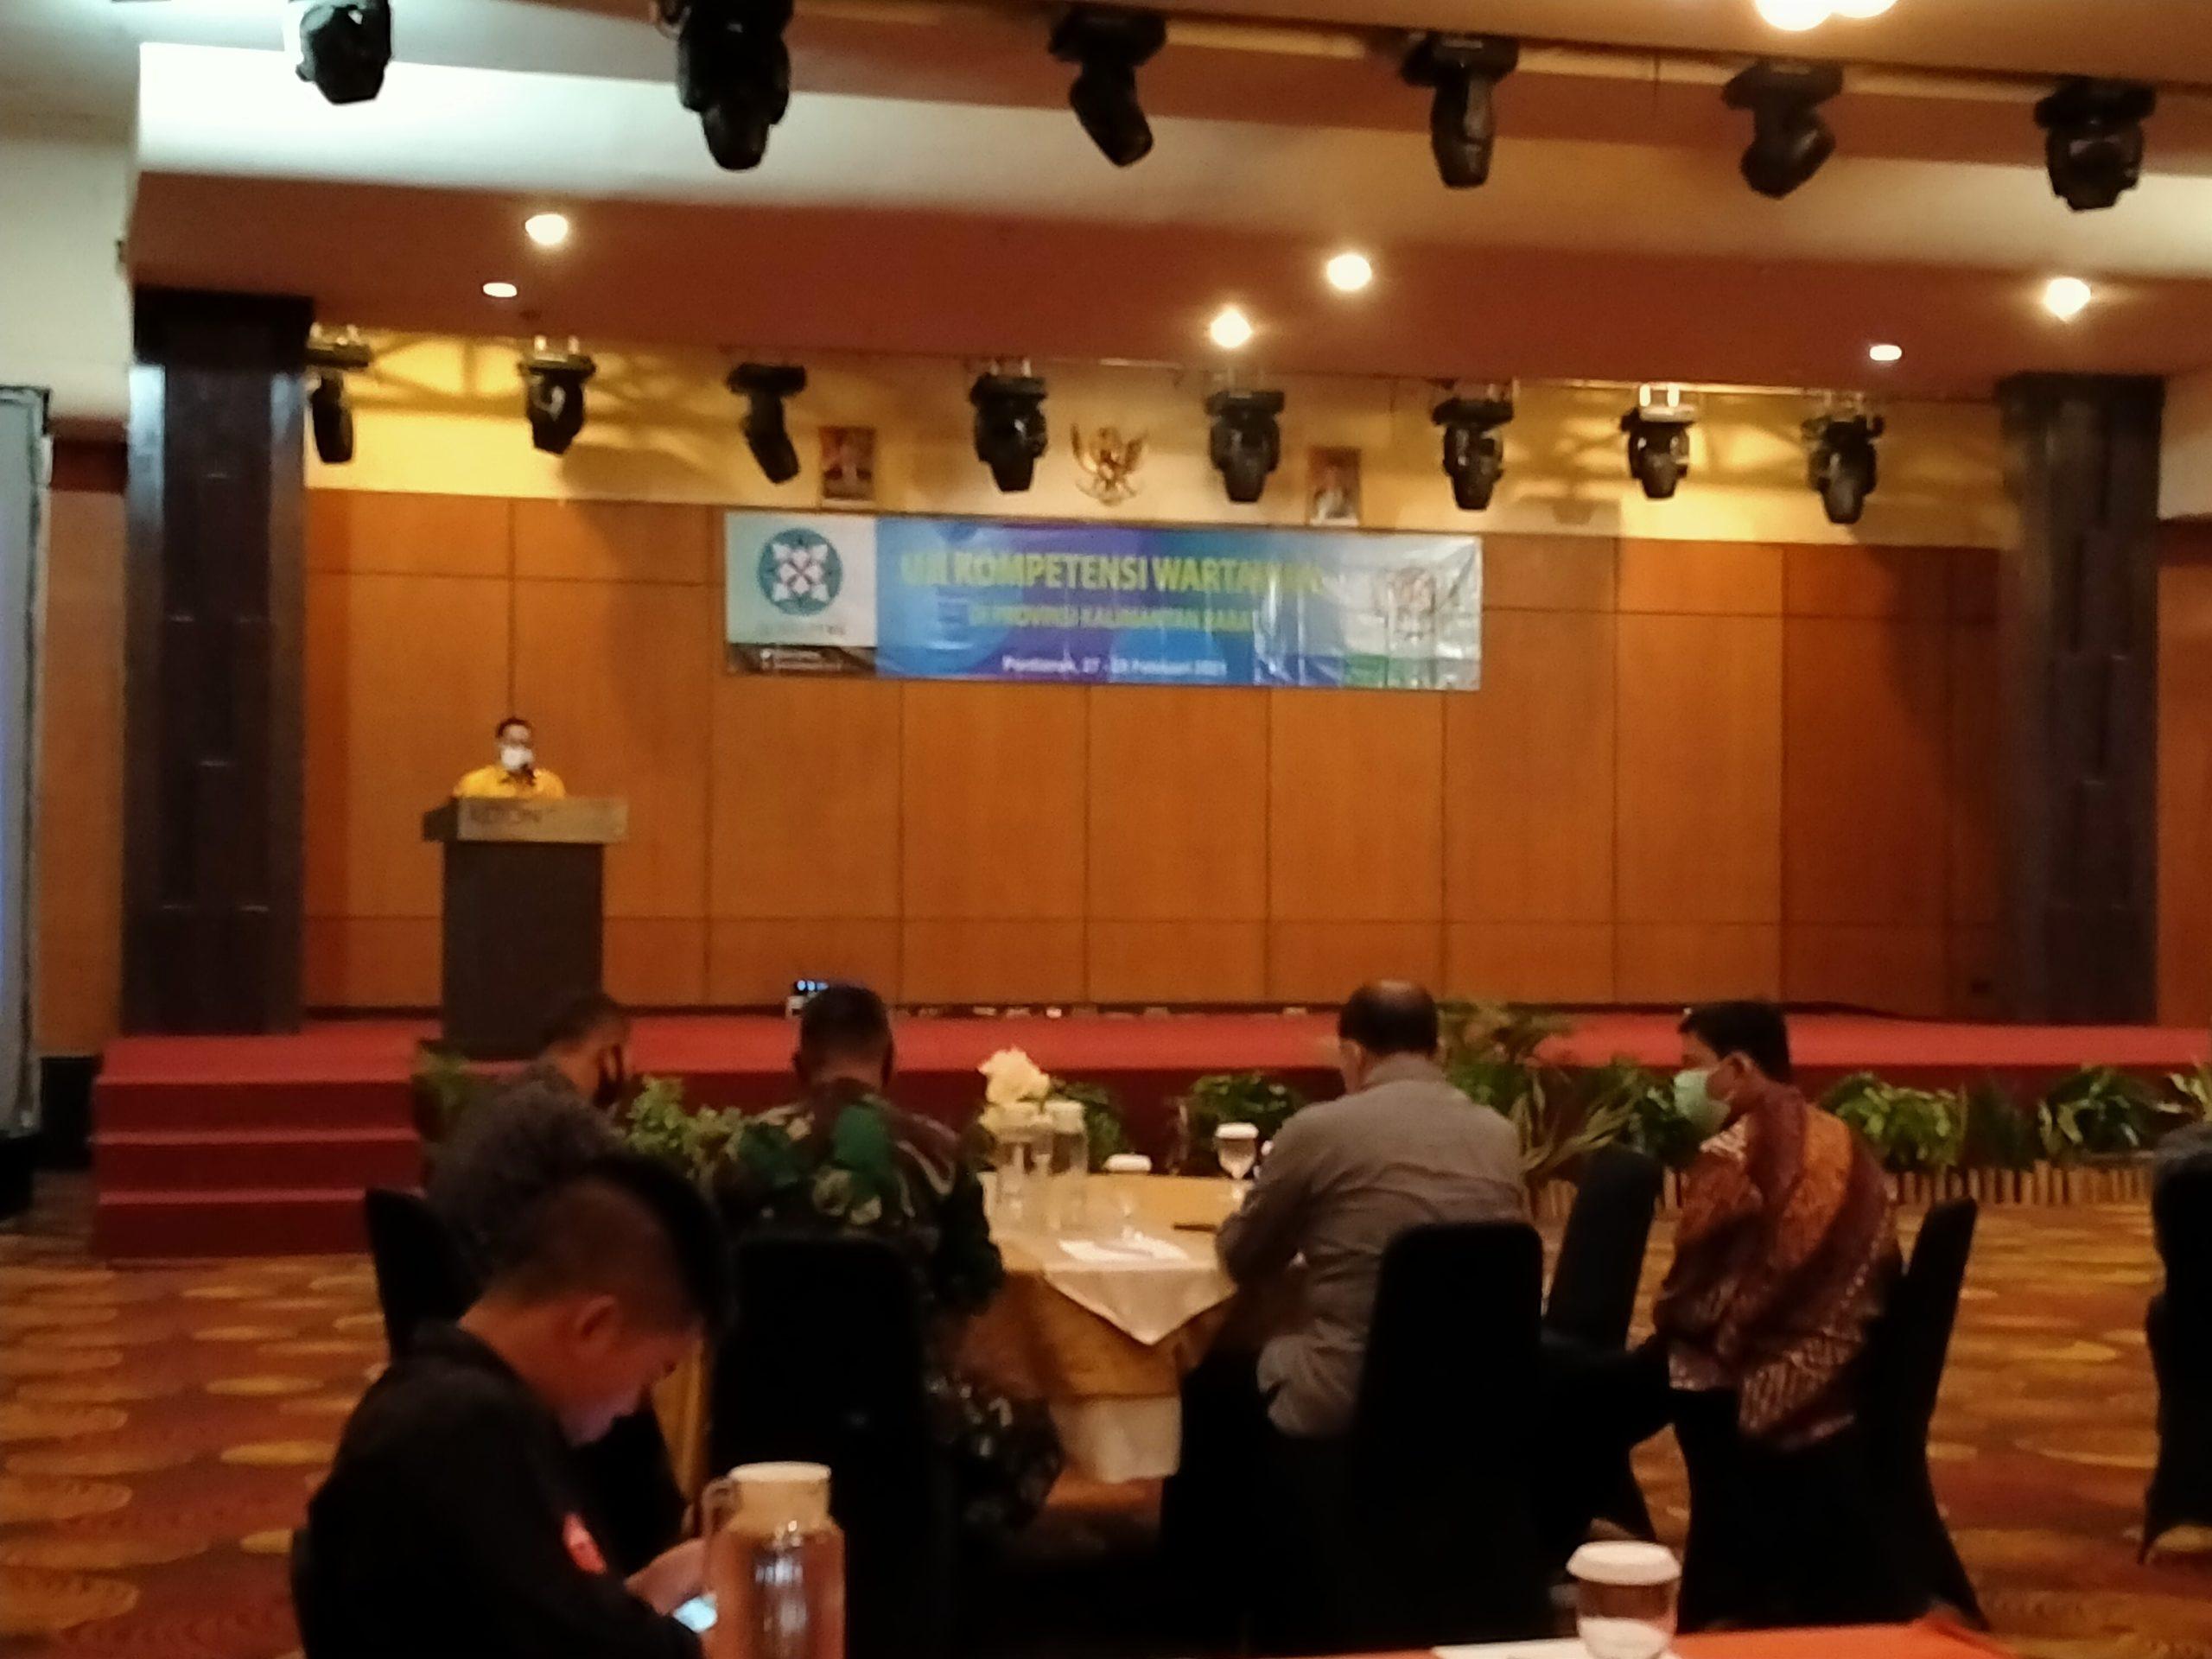 Uji Kompetensi Wartawan Kalbar Tahun 2021 Resmi Dibuka